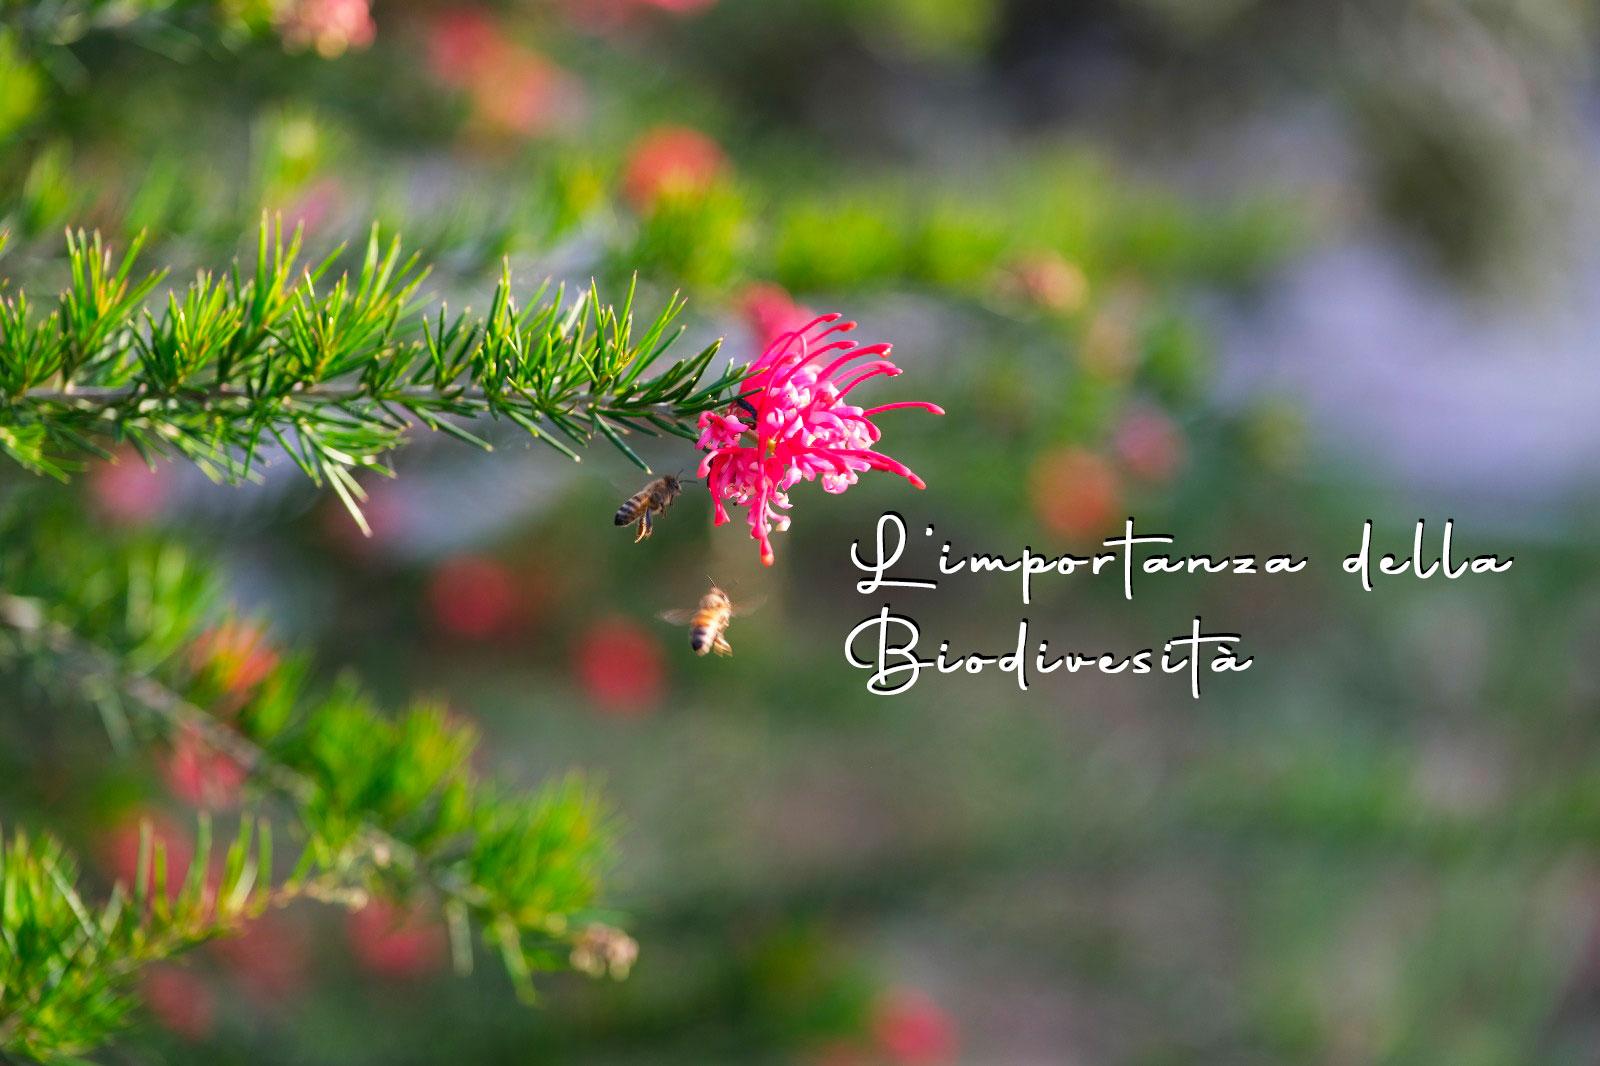 l-importanza-della-biodiversità-api-in-volo